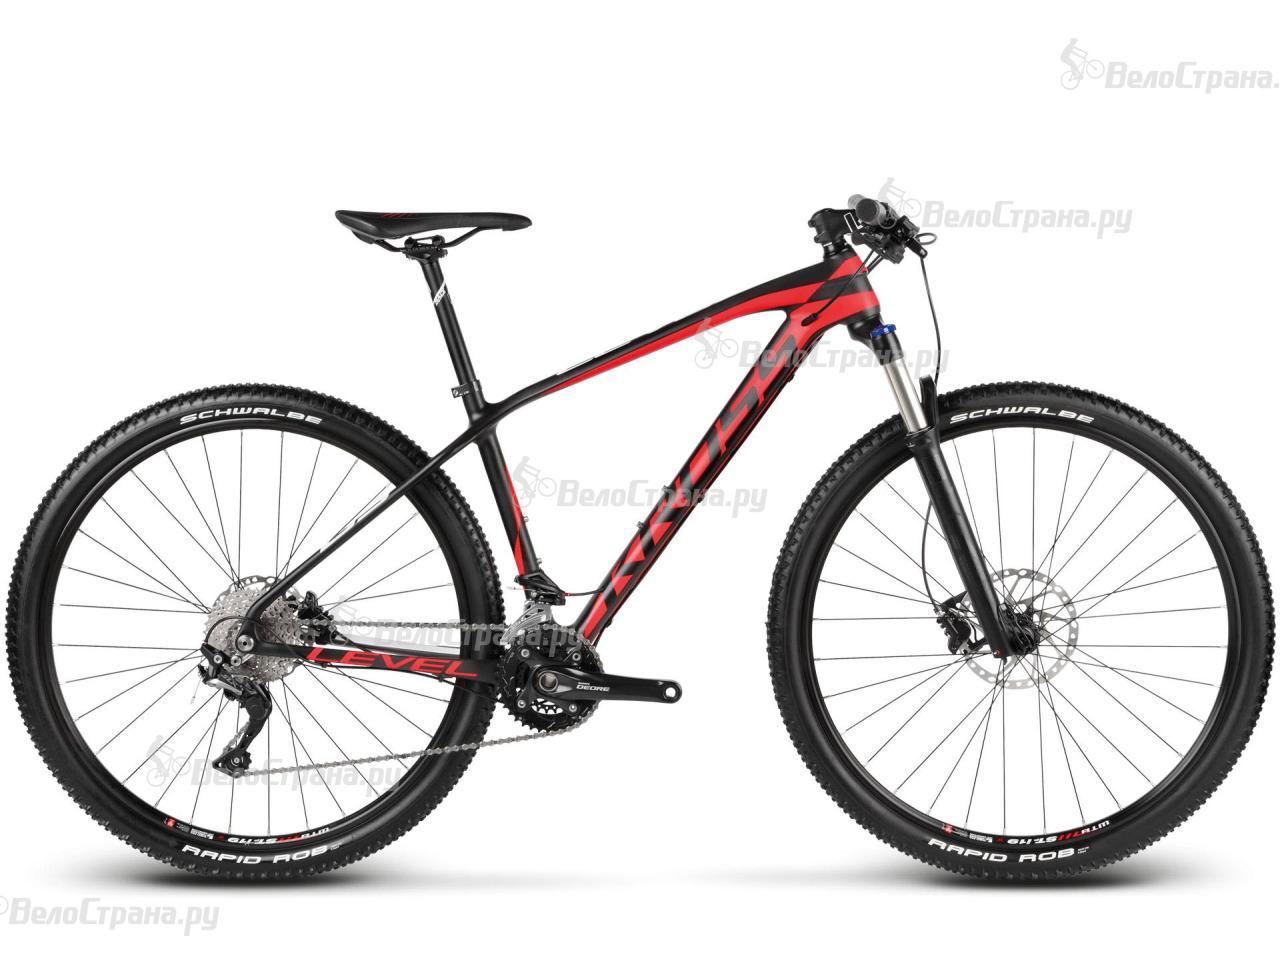 Велосипед Kross Level B9 (2017) велосипед kross level b9 29er 2013